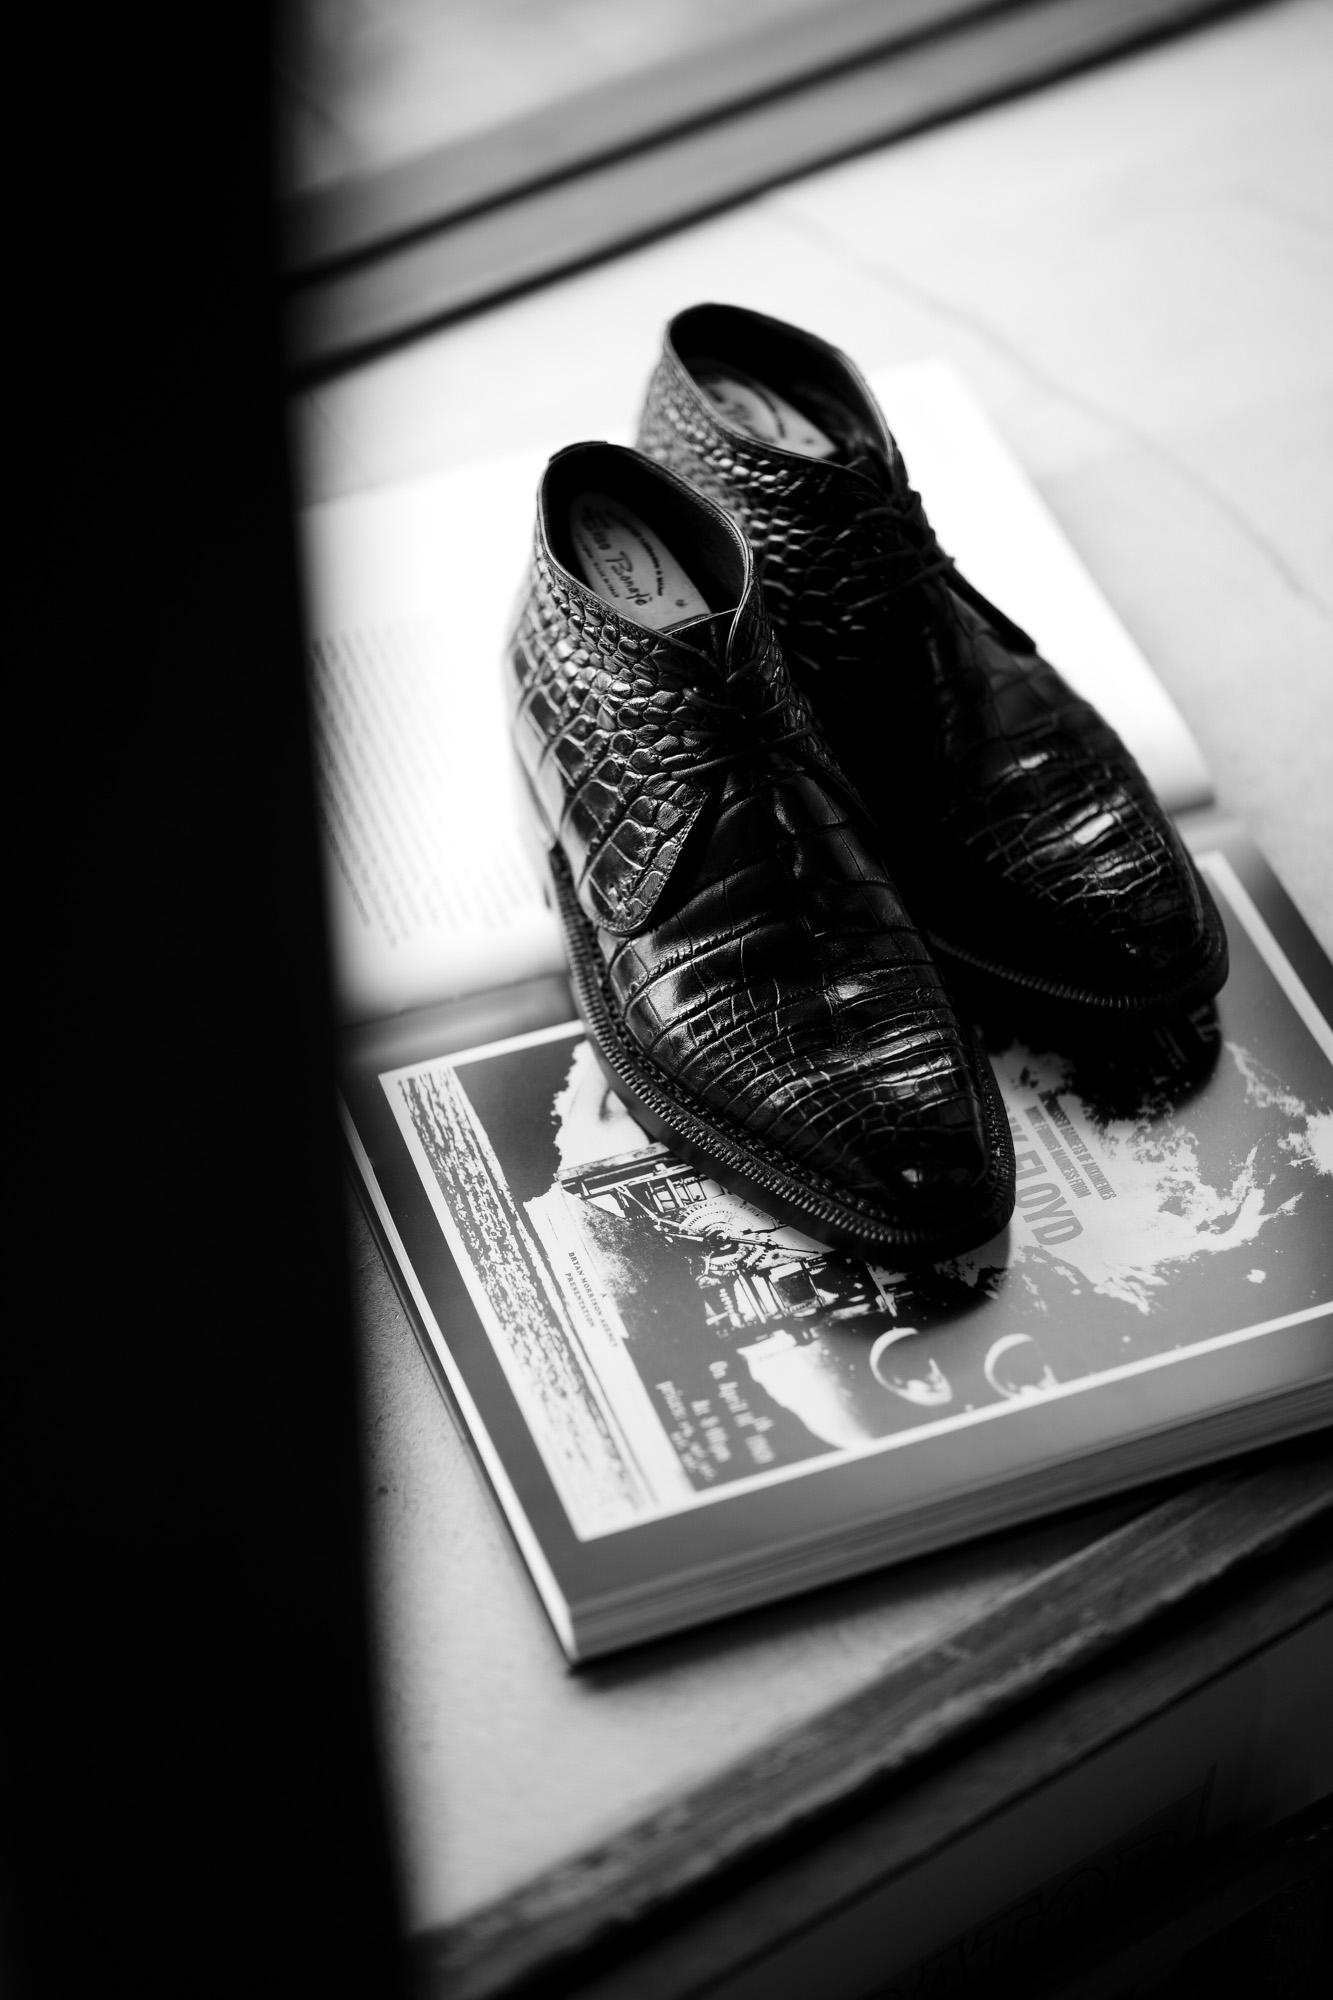 ENZO BONAFE (エンツォボナフェ) ART.3722 Crocodile Chukka boots クロコダイル Mat Crocodile Leather マット クロコダイル エキゾチックレザー チャッカブーツ NERO (ブラック) made in italy (イタリア製) 2021 秋冬 愛知 名古屋 Alto e Diritto altoediritto アルトエデリット ソール交換 トライアンフ ハーフラバーソール 交換